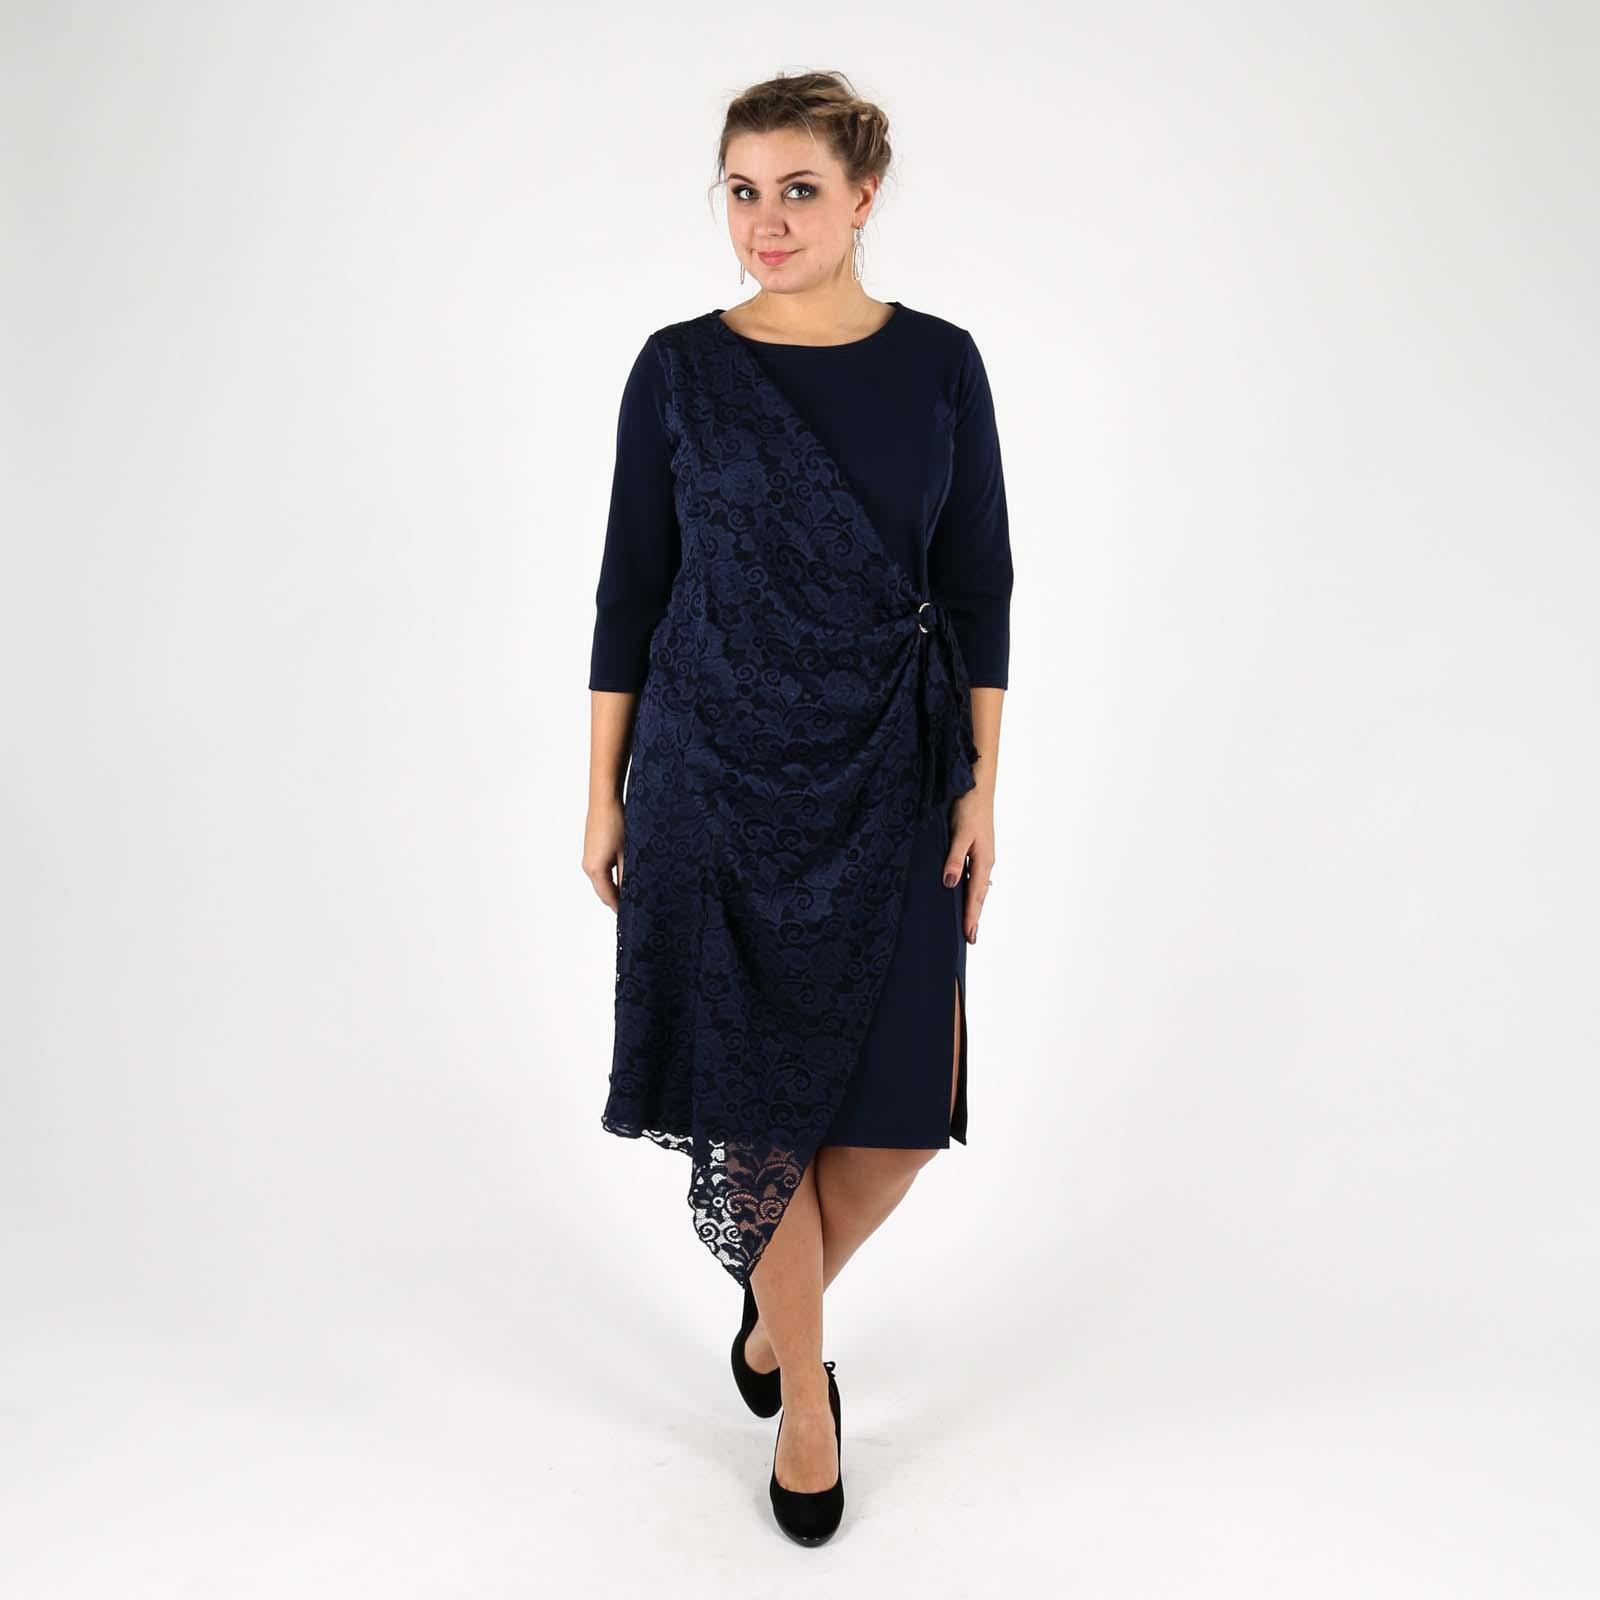 Платье с декоративным элементом и кружевом